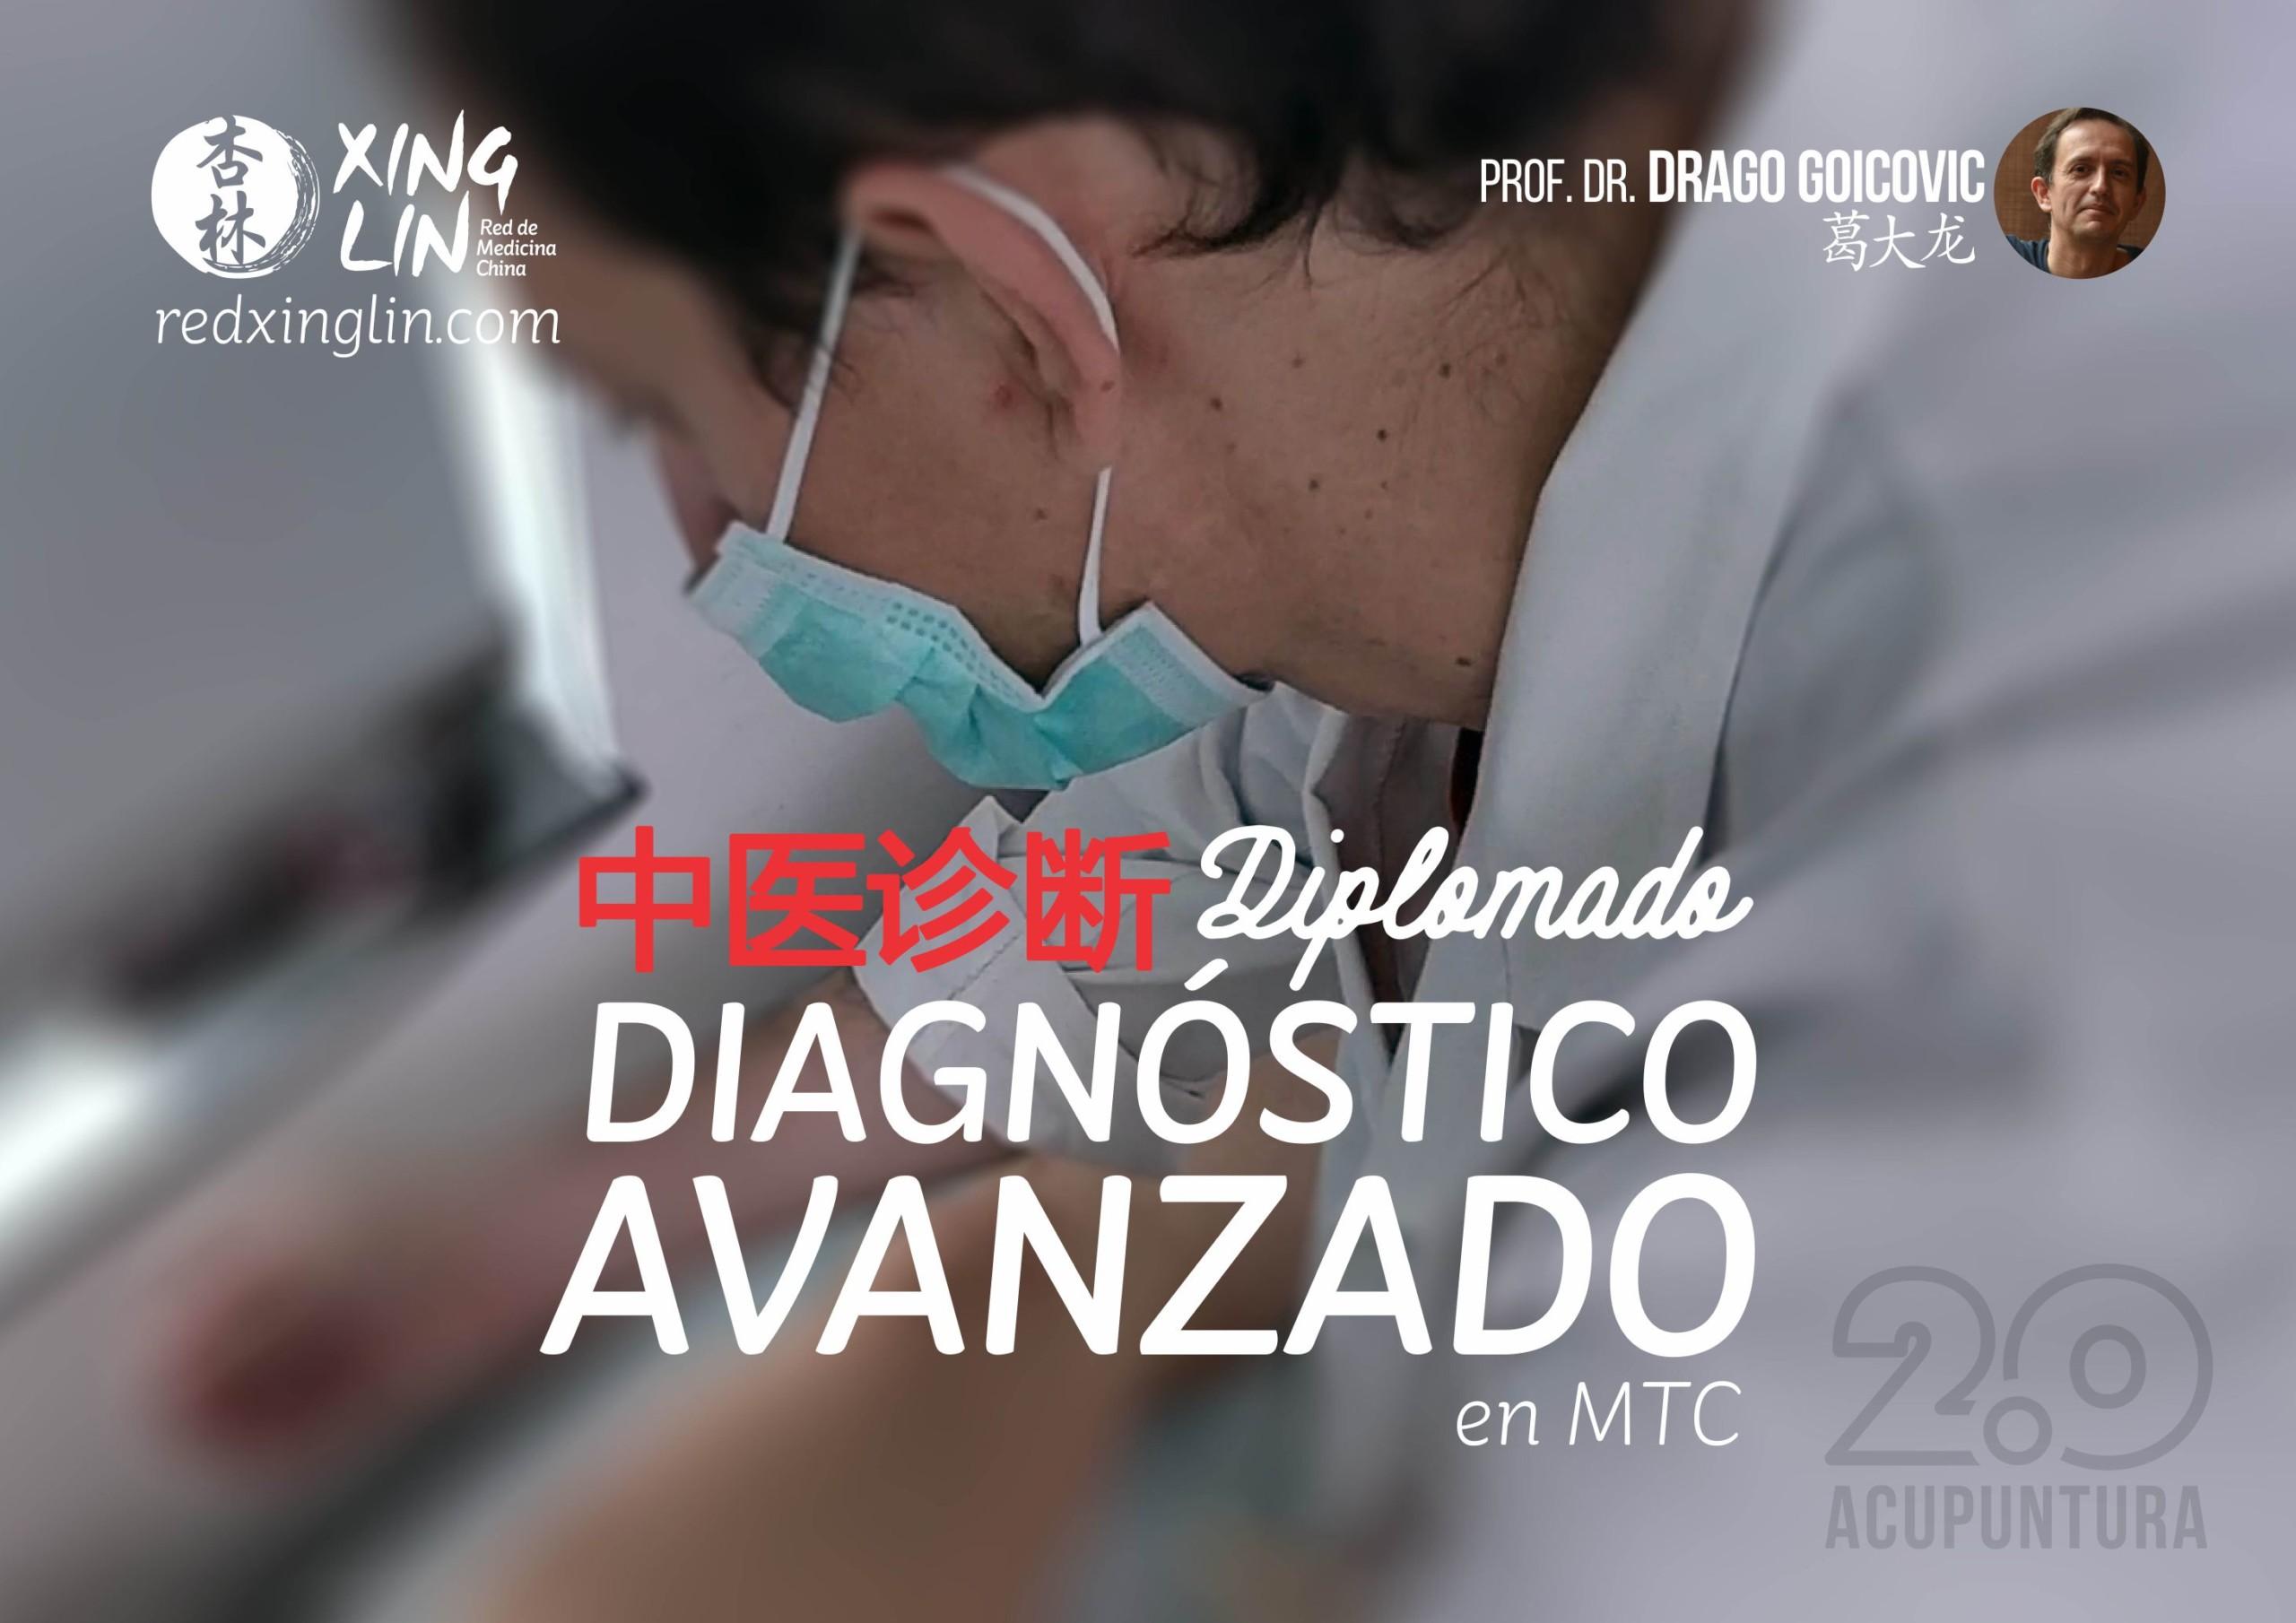 DIAGNÓSTICO AVANZADO MTC